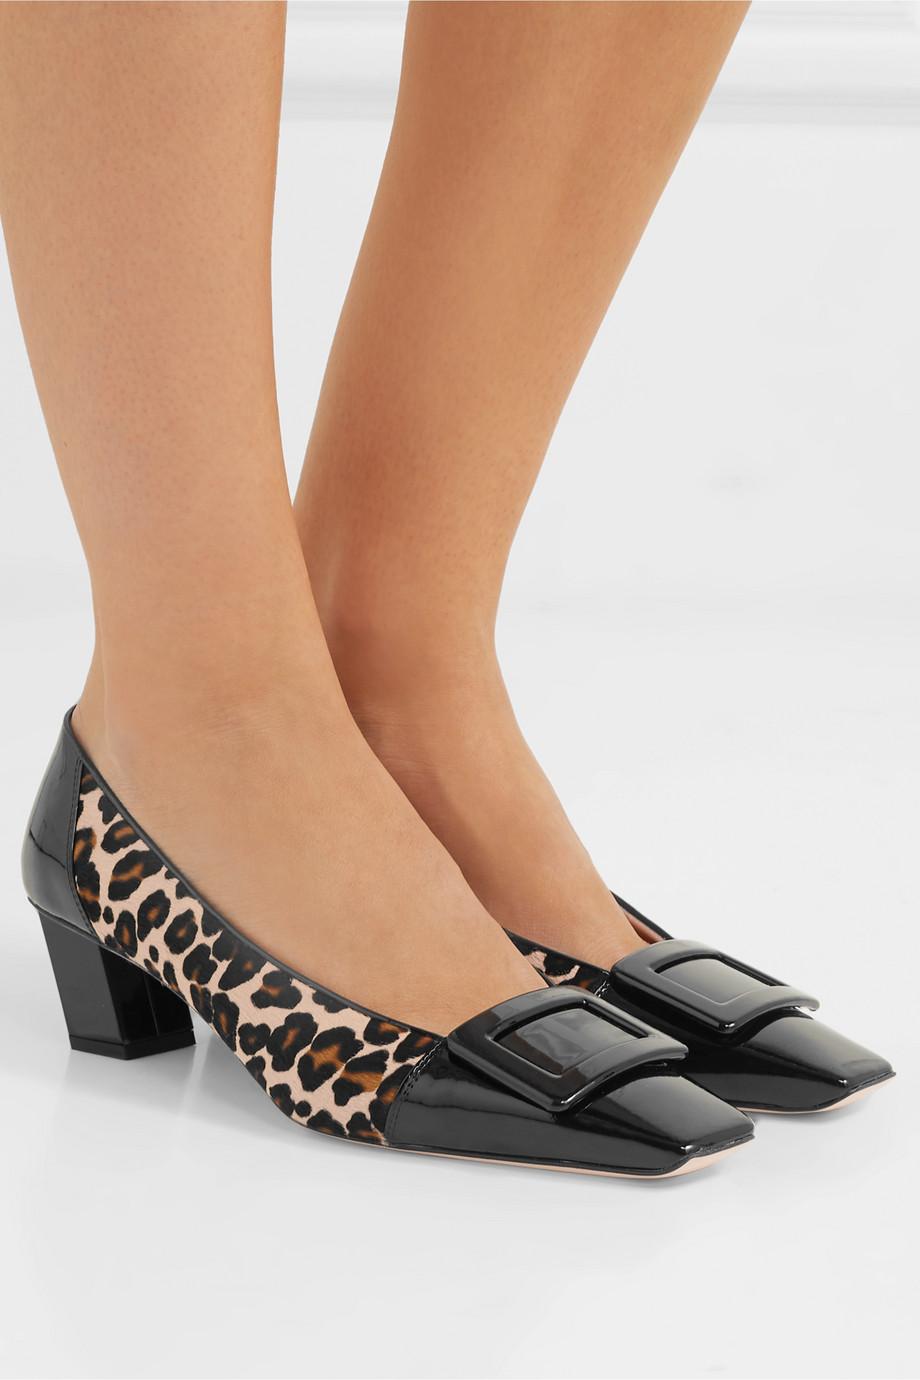 Roger Vivier Belle Vivier Decollete leopard-print calf hair and patent-leather pumps